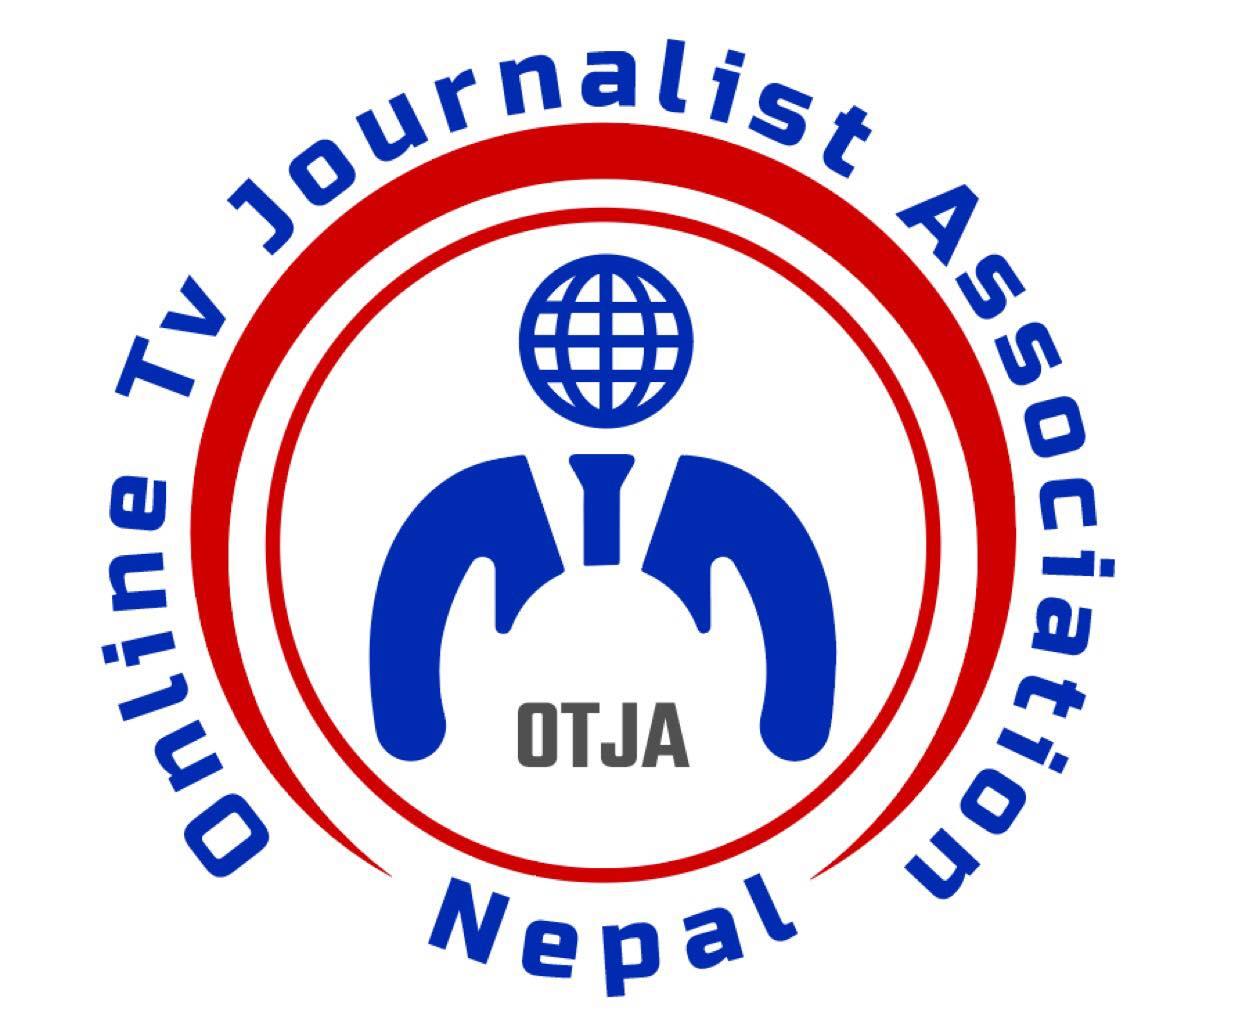 पत्रकार परिचयपत्र दुरुपयोग रोक्न अनलाइन टिभी पत्रकार सङ्घको माग